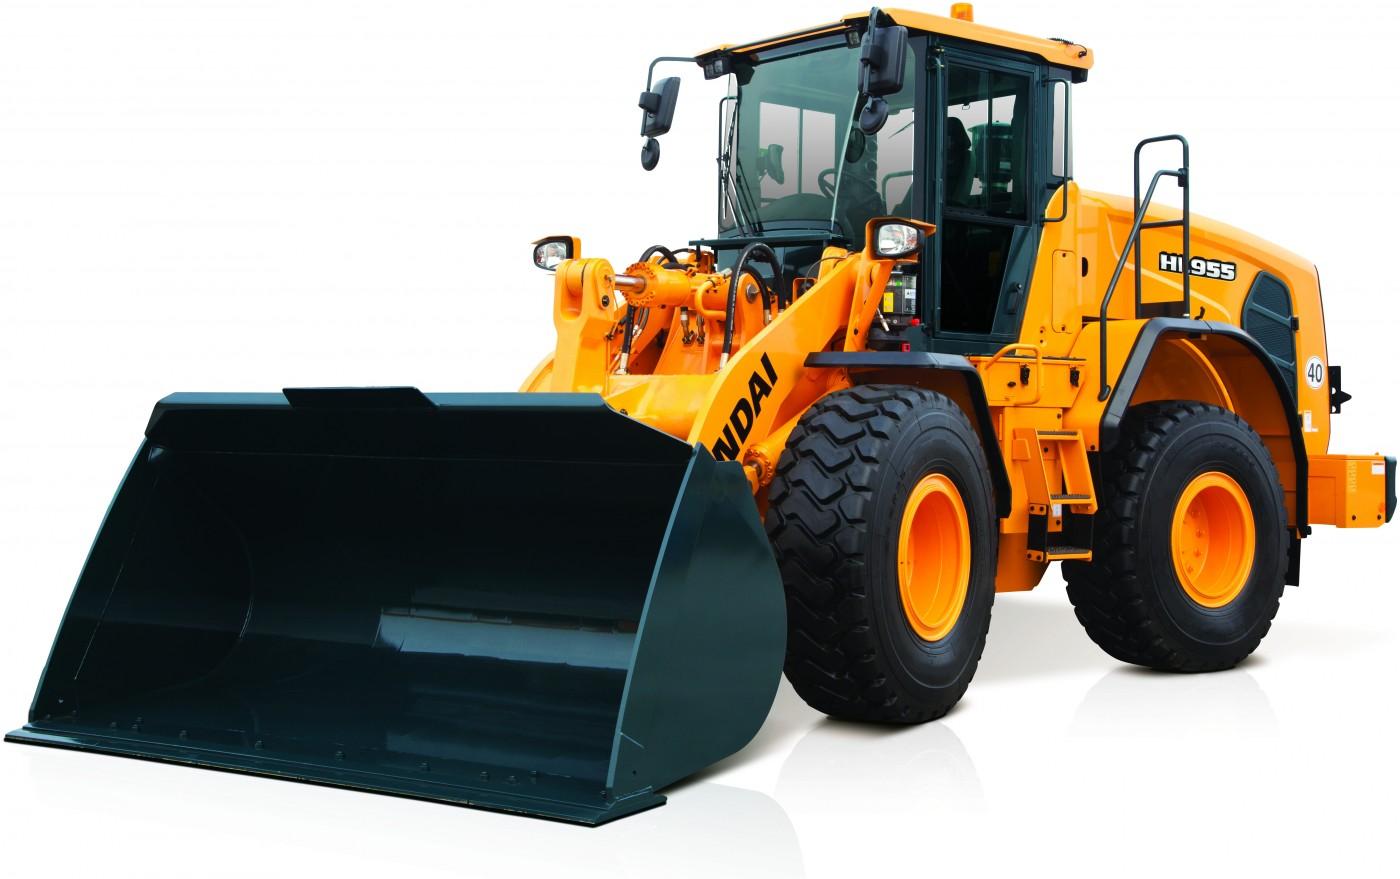 Strojnický průkaz na zemní stroje - školení strojníků